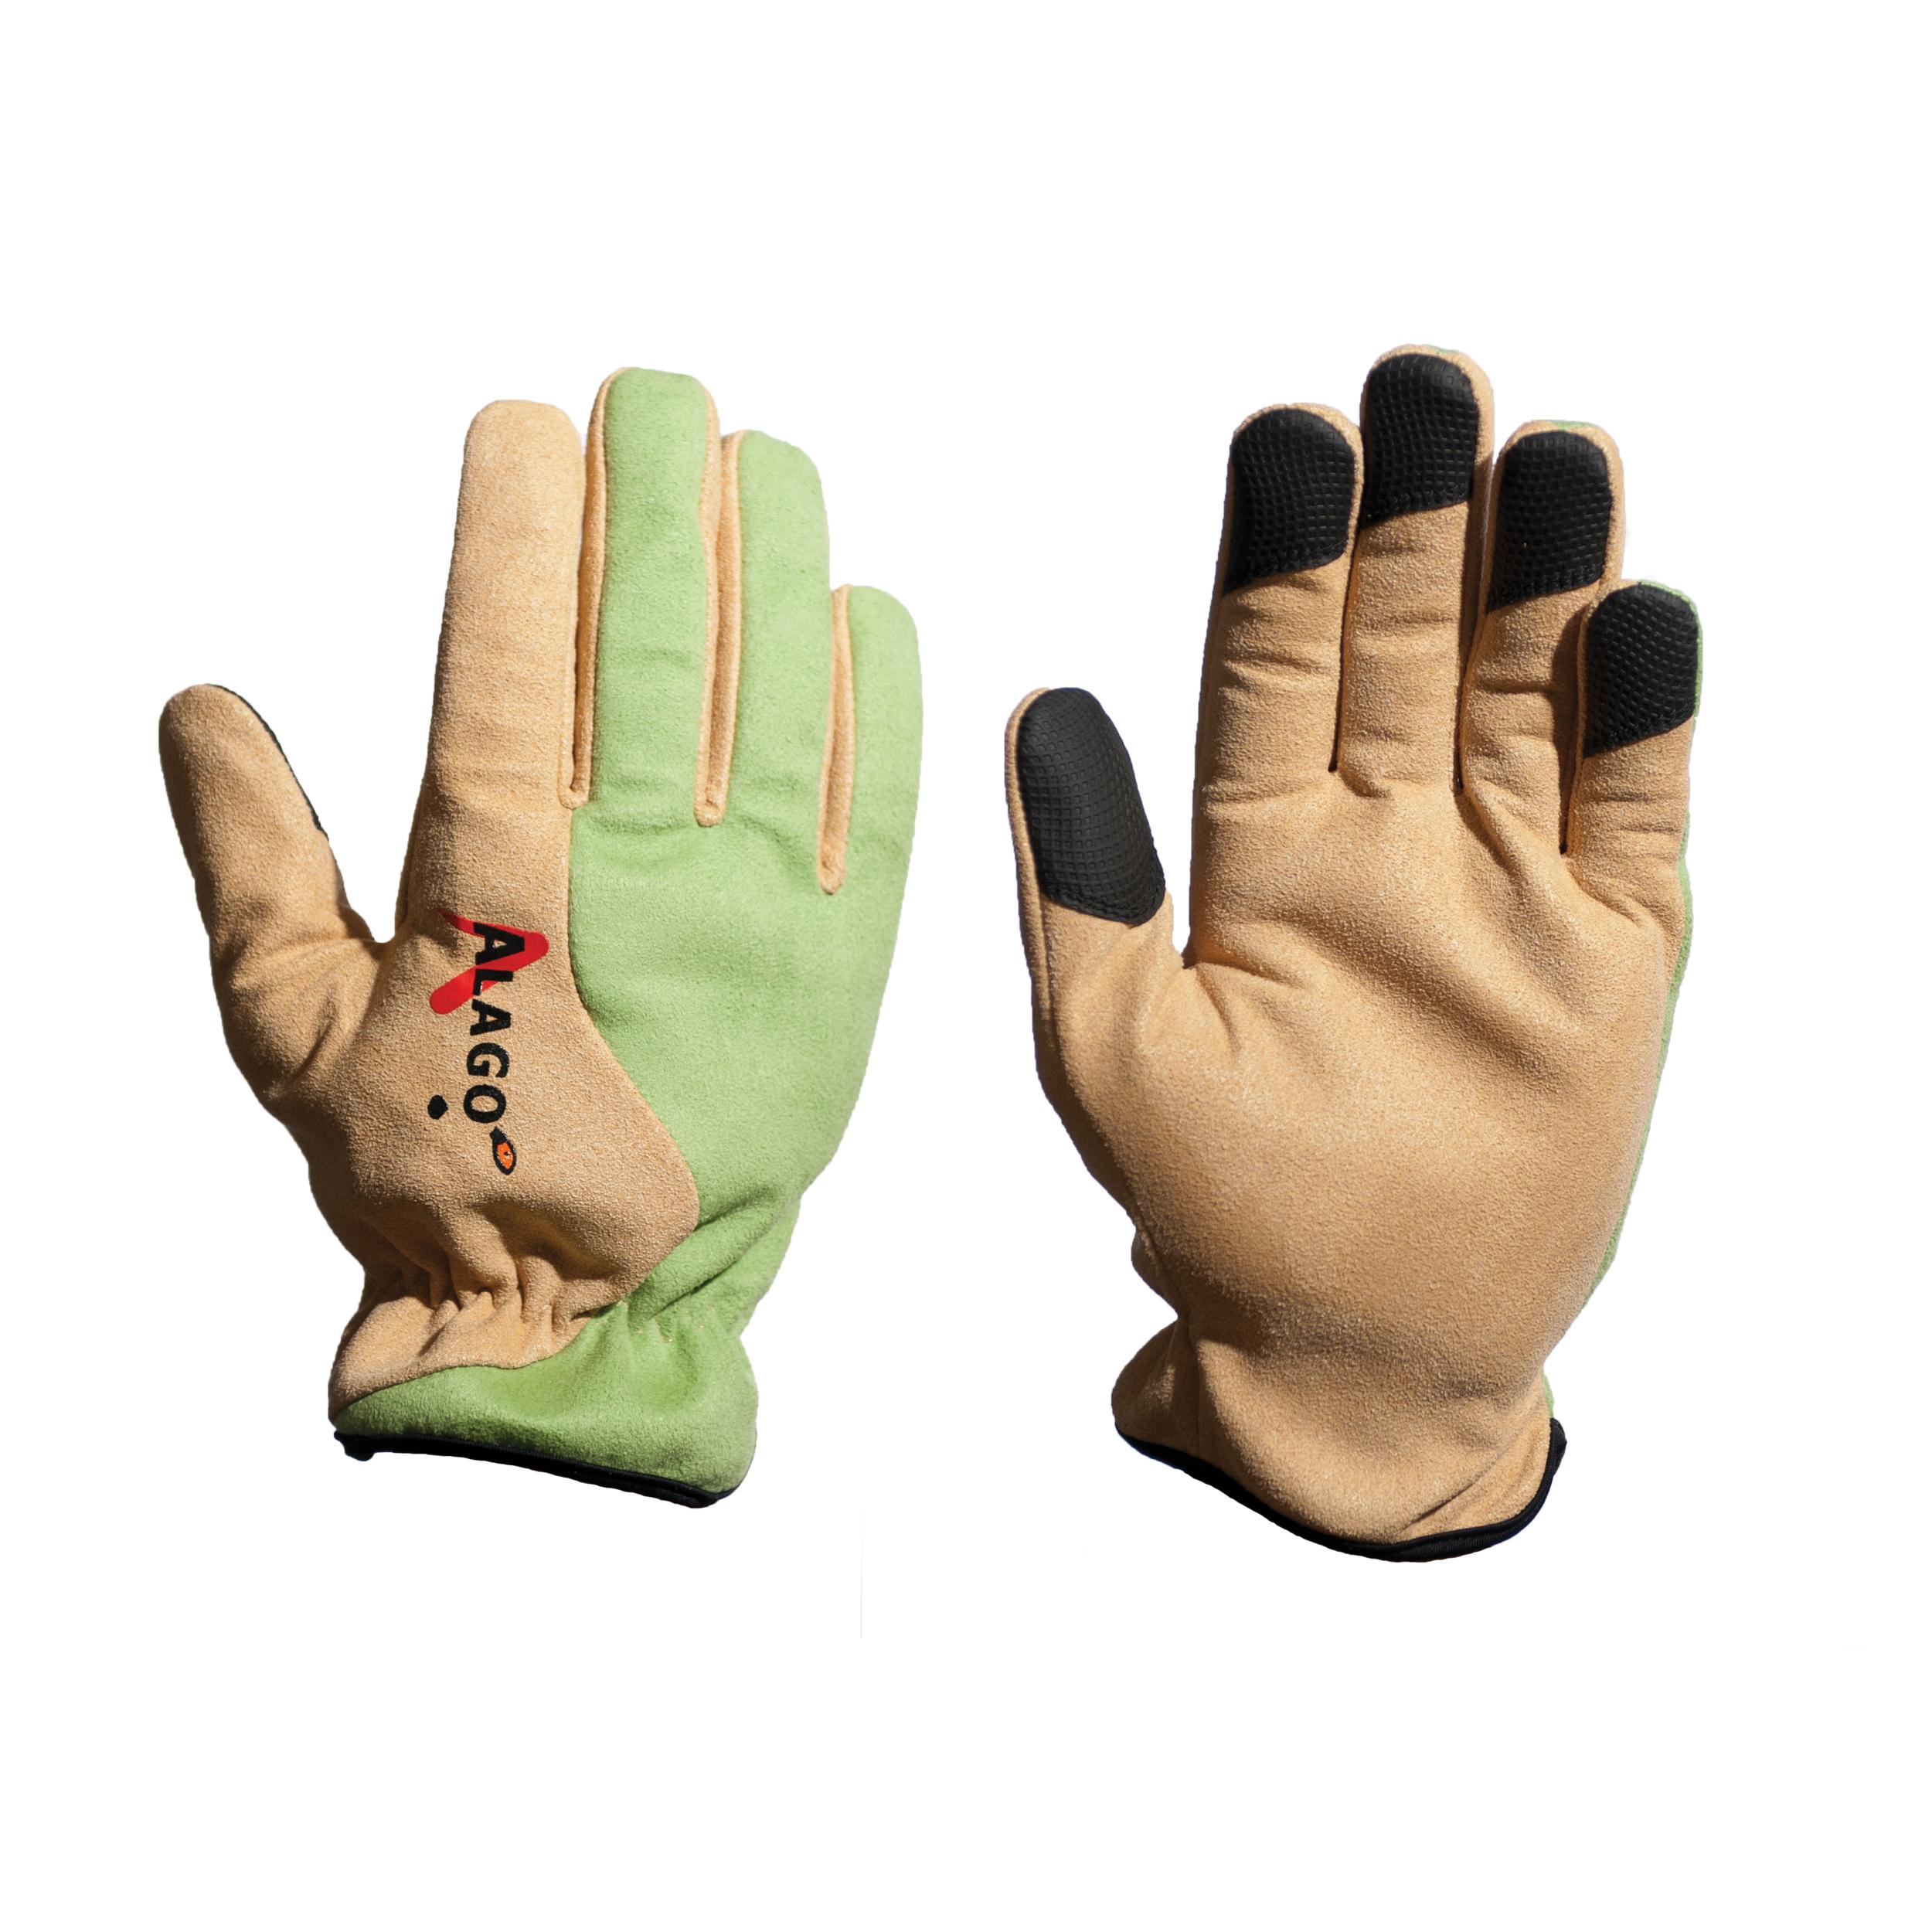 Glove clipart garden glove Gardening Gardening info Clipart Gloves